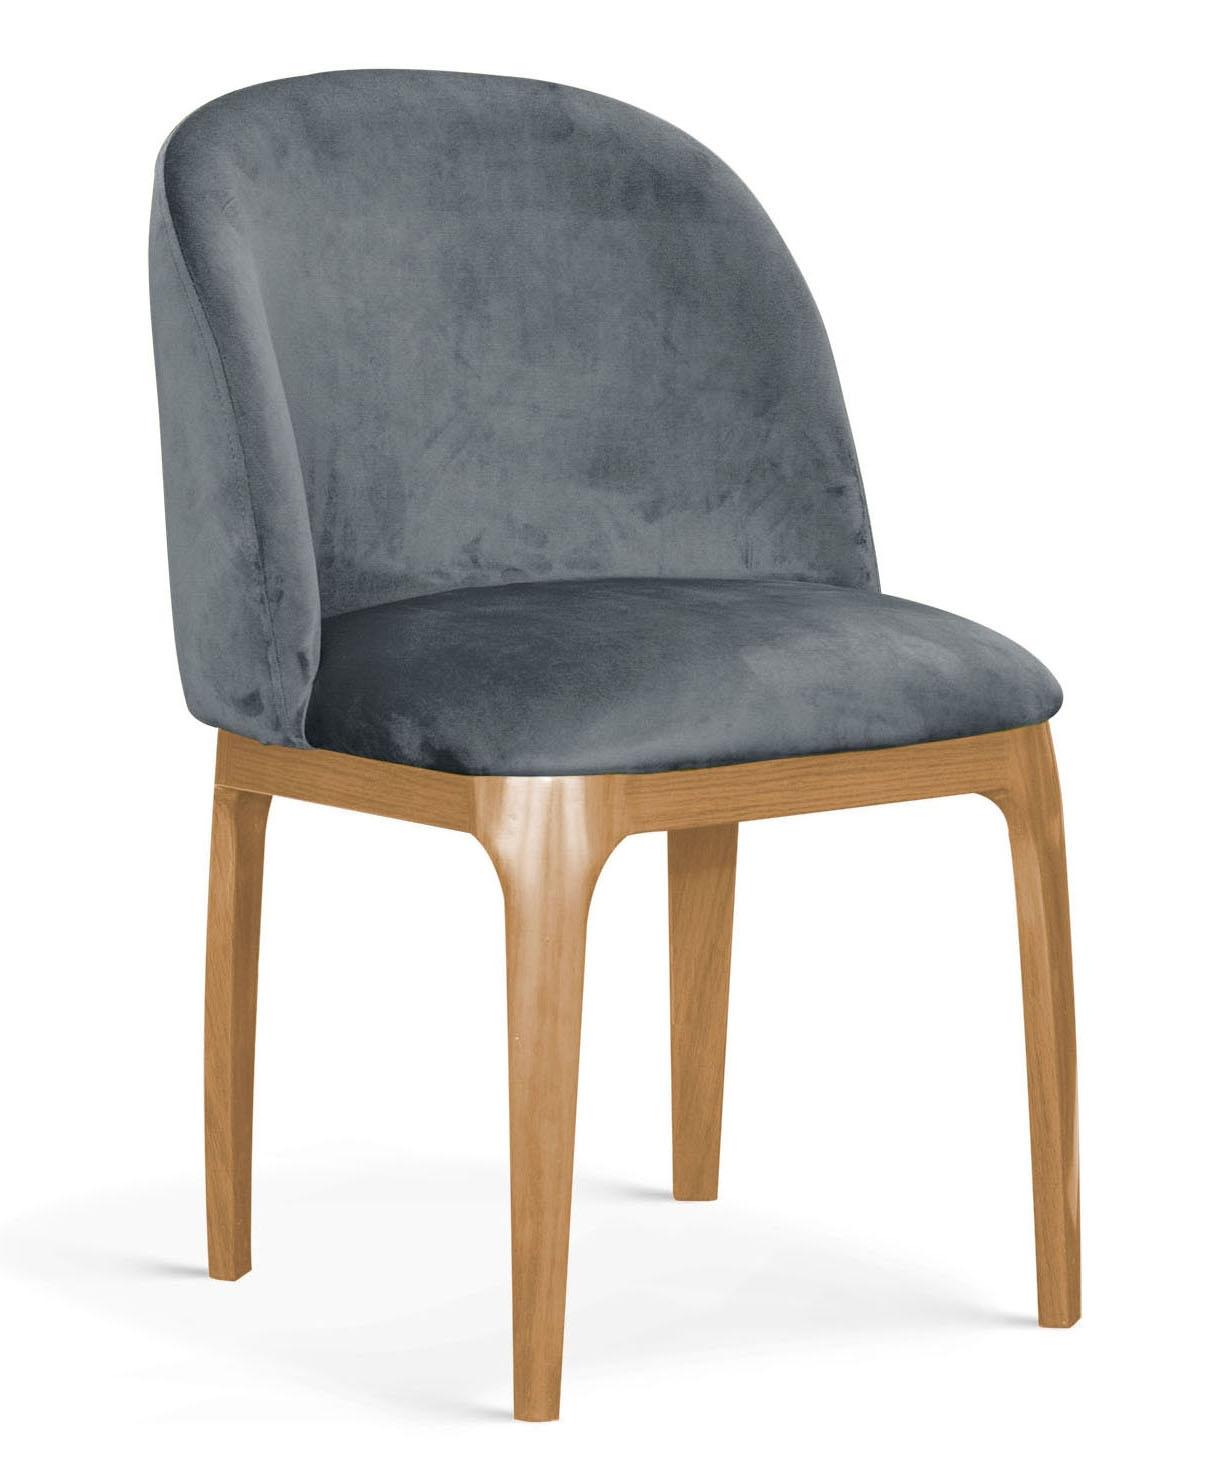 Scaun tapitat cu stofa, cu picioare metalice Grace Gri / Stejar, l53xA56xH83 cm